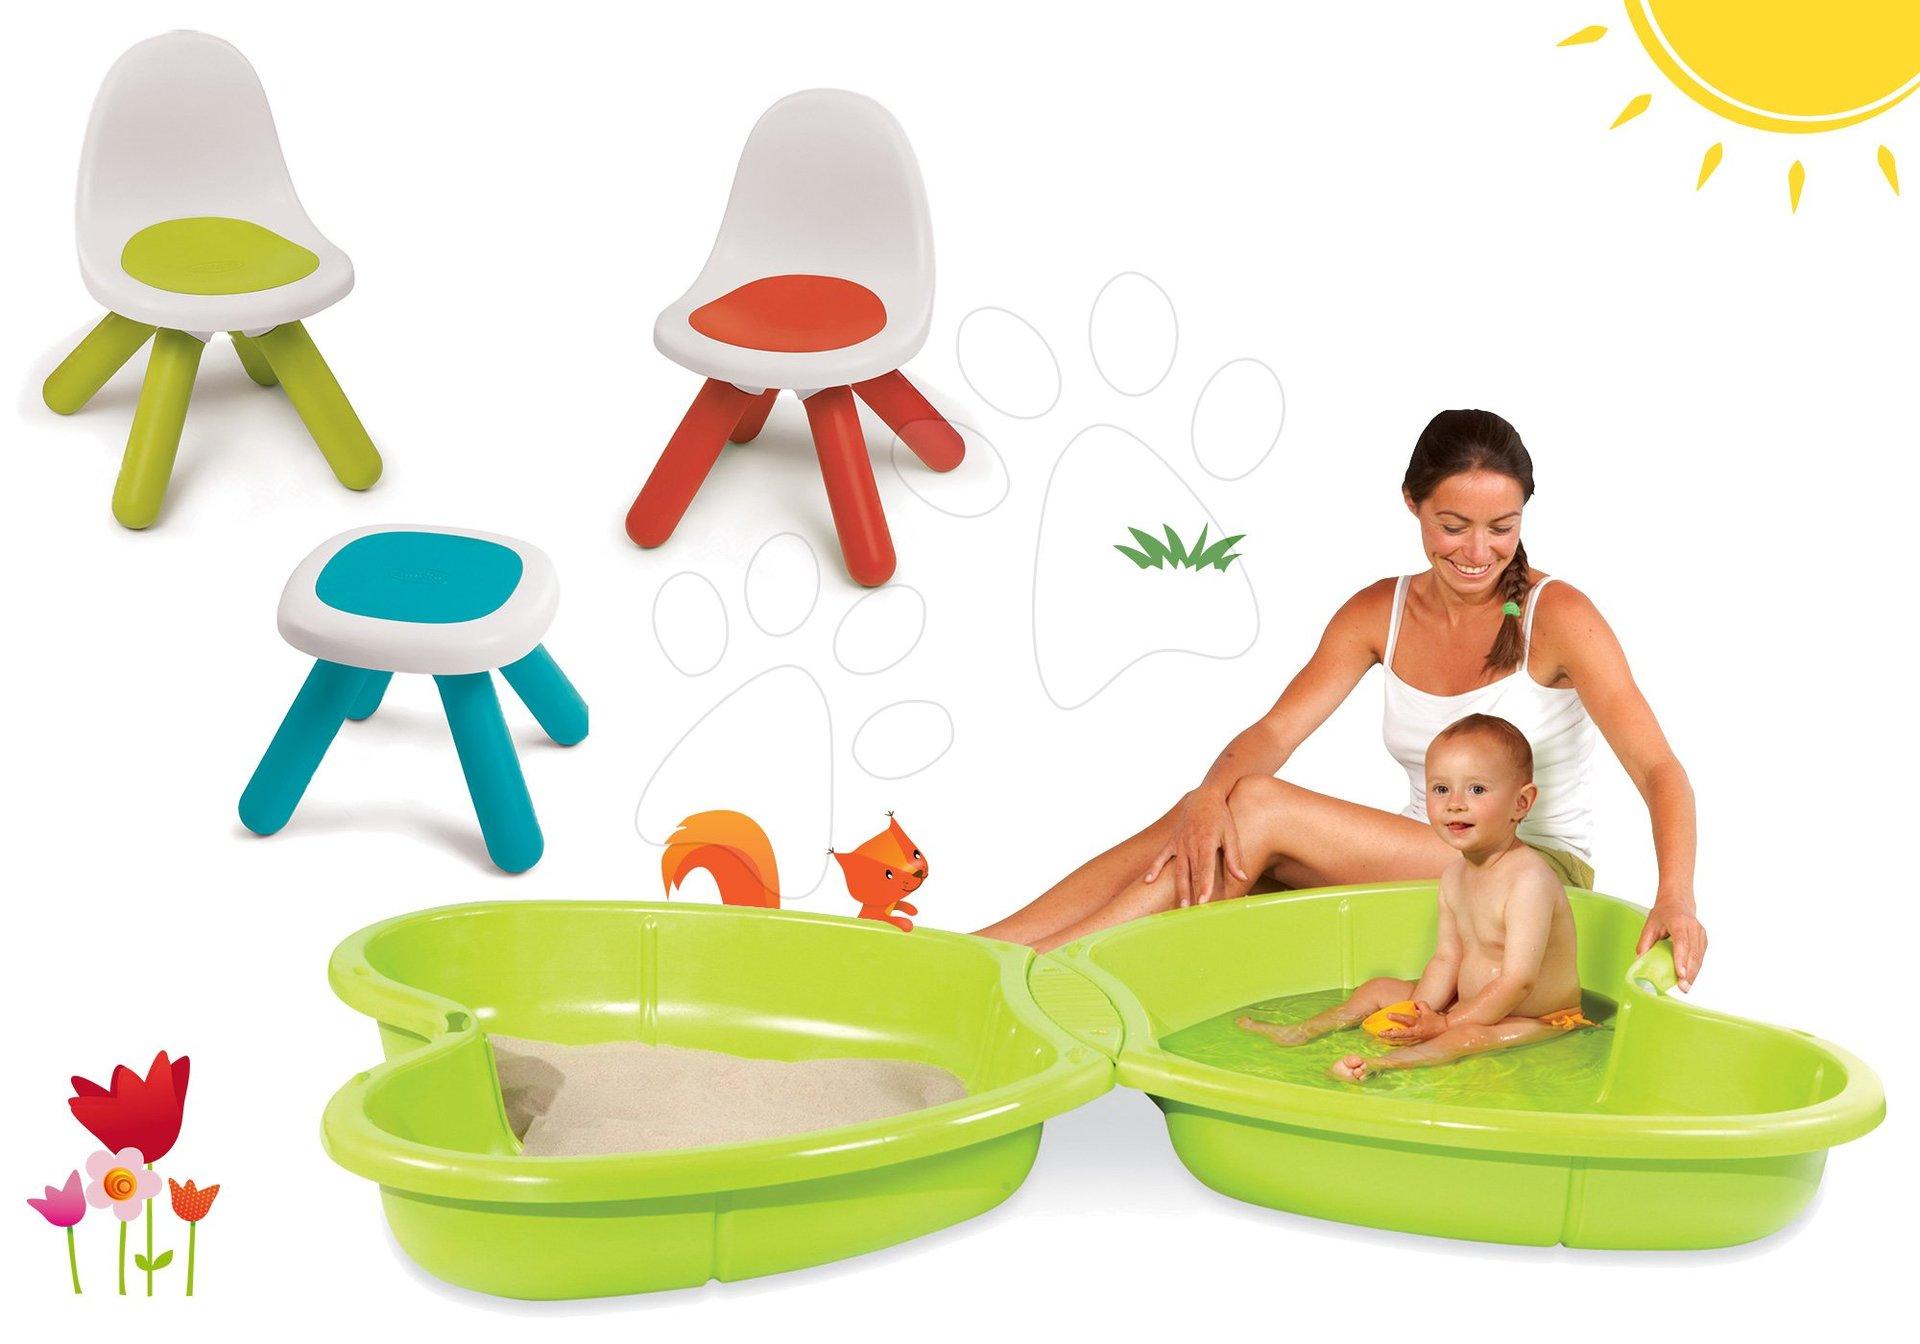 Smoby set dětský stůl Kidstool Smoby, 2 židle KidChair a pískoviště Motýl s vodotryskem 880200A-8